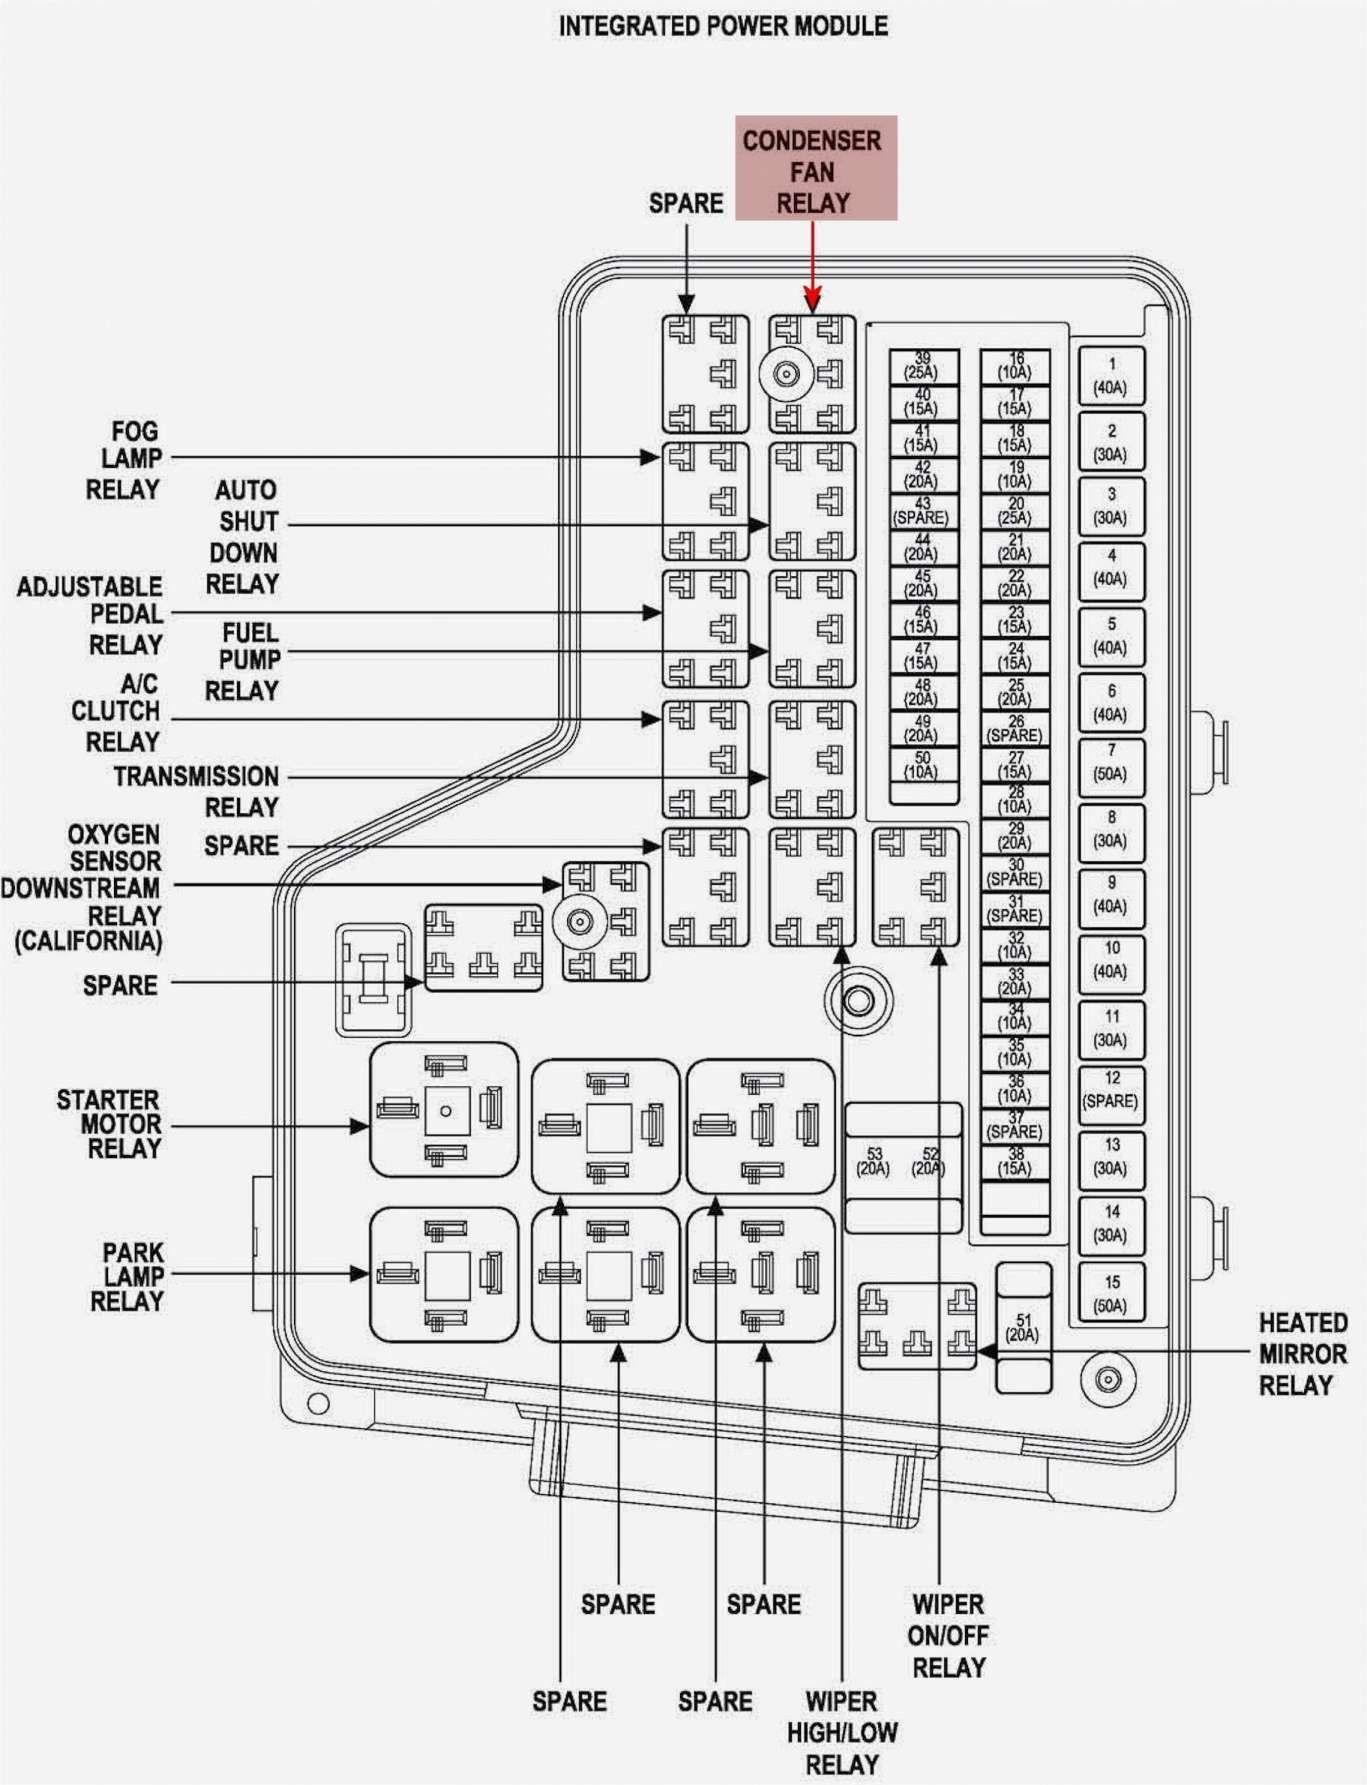 2001 Silverado Interior Fuse Box Diagram | Psoriasisguru.com